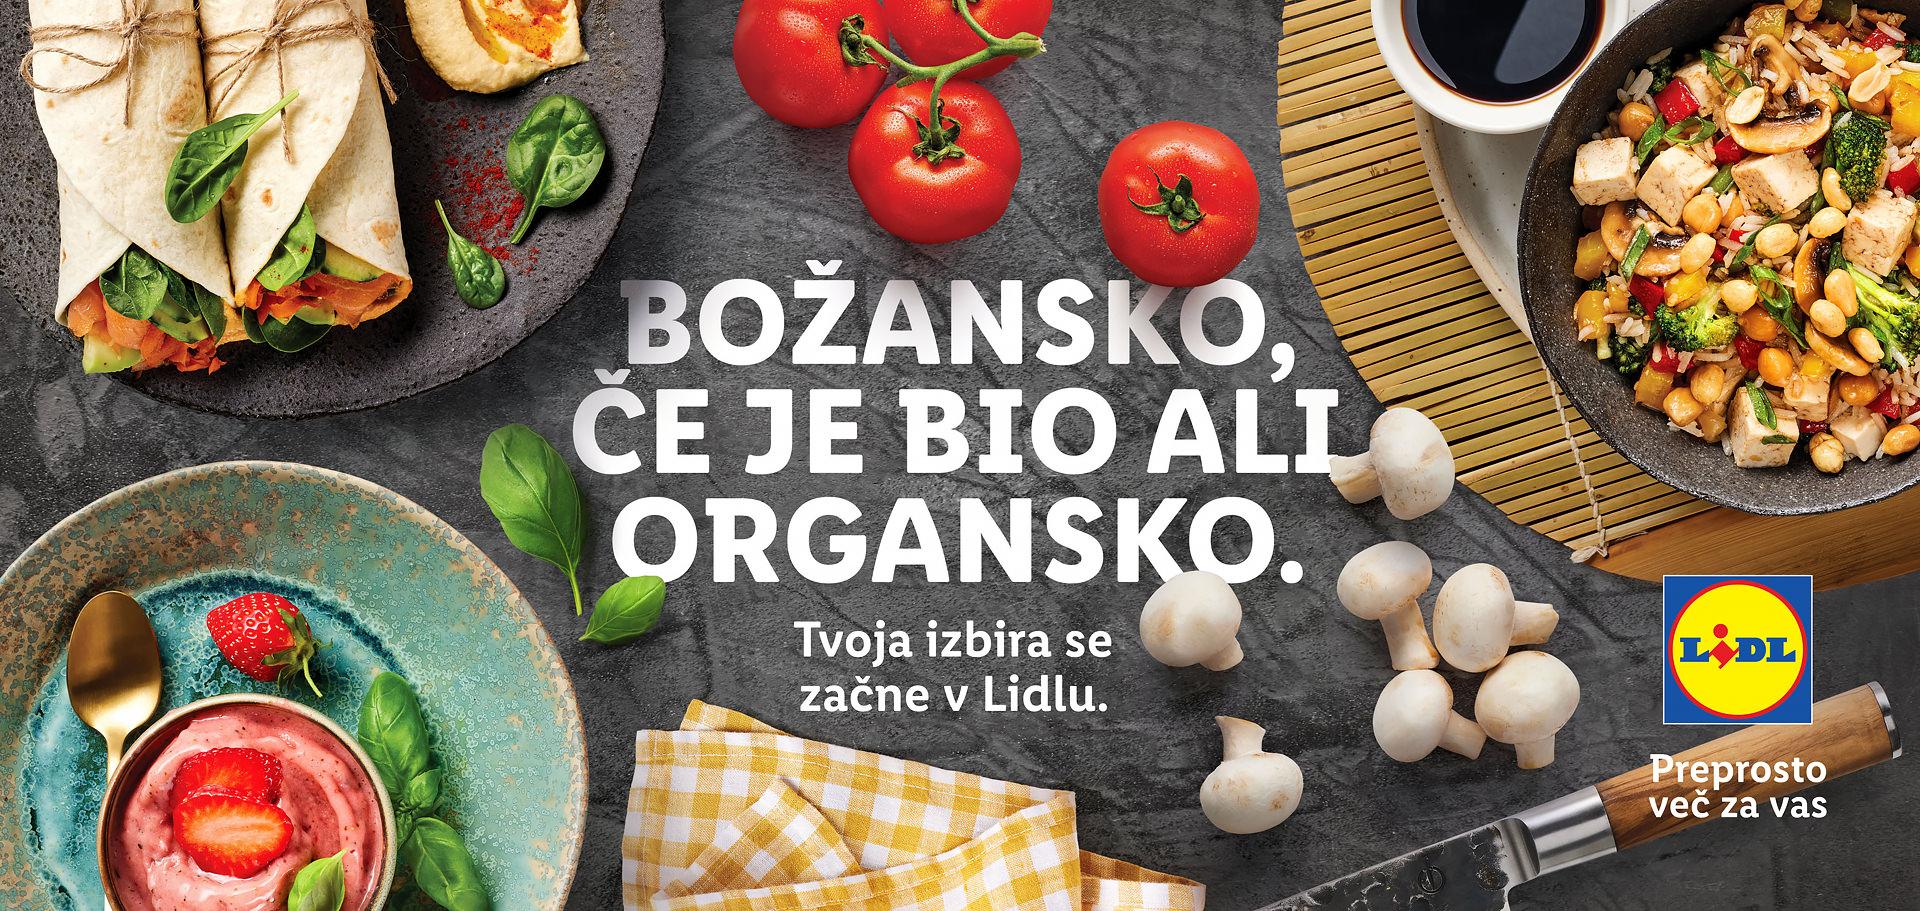 YY_Lidl_Izbira_BB_5x2_Bio_01